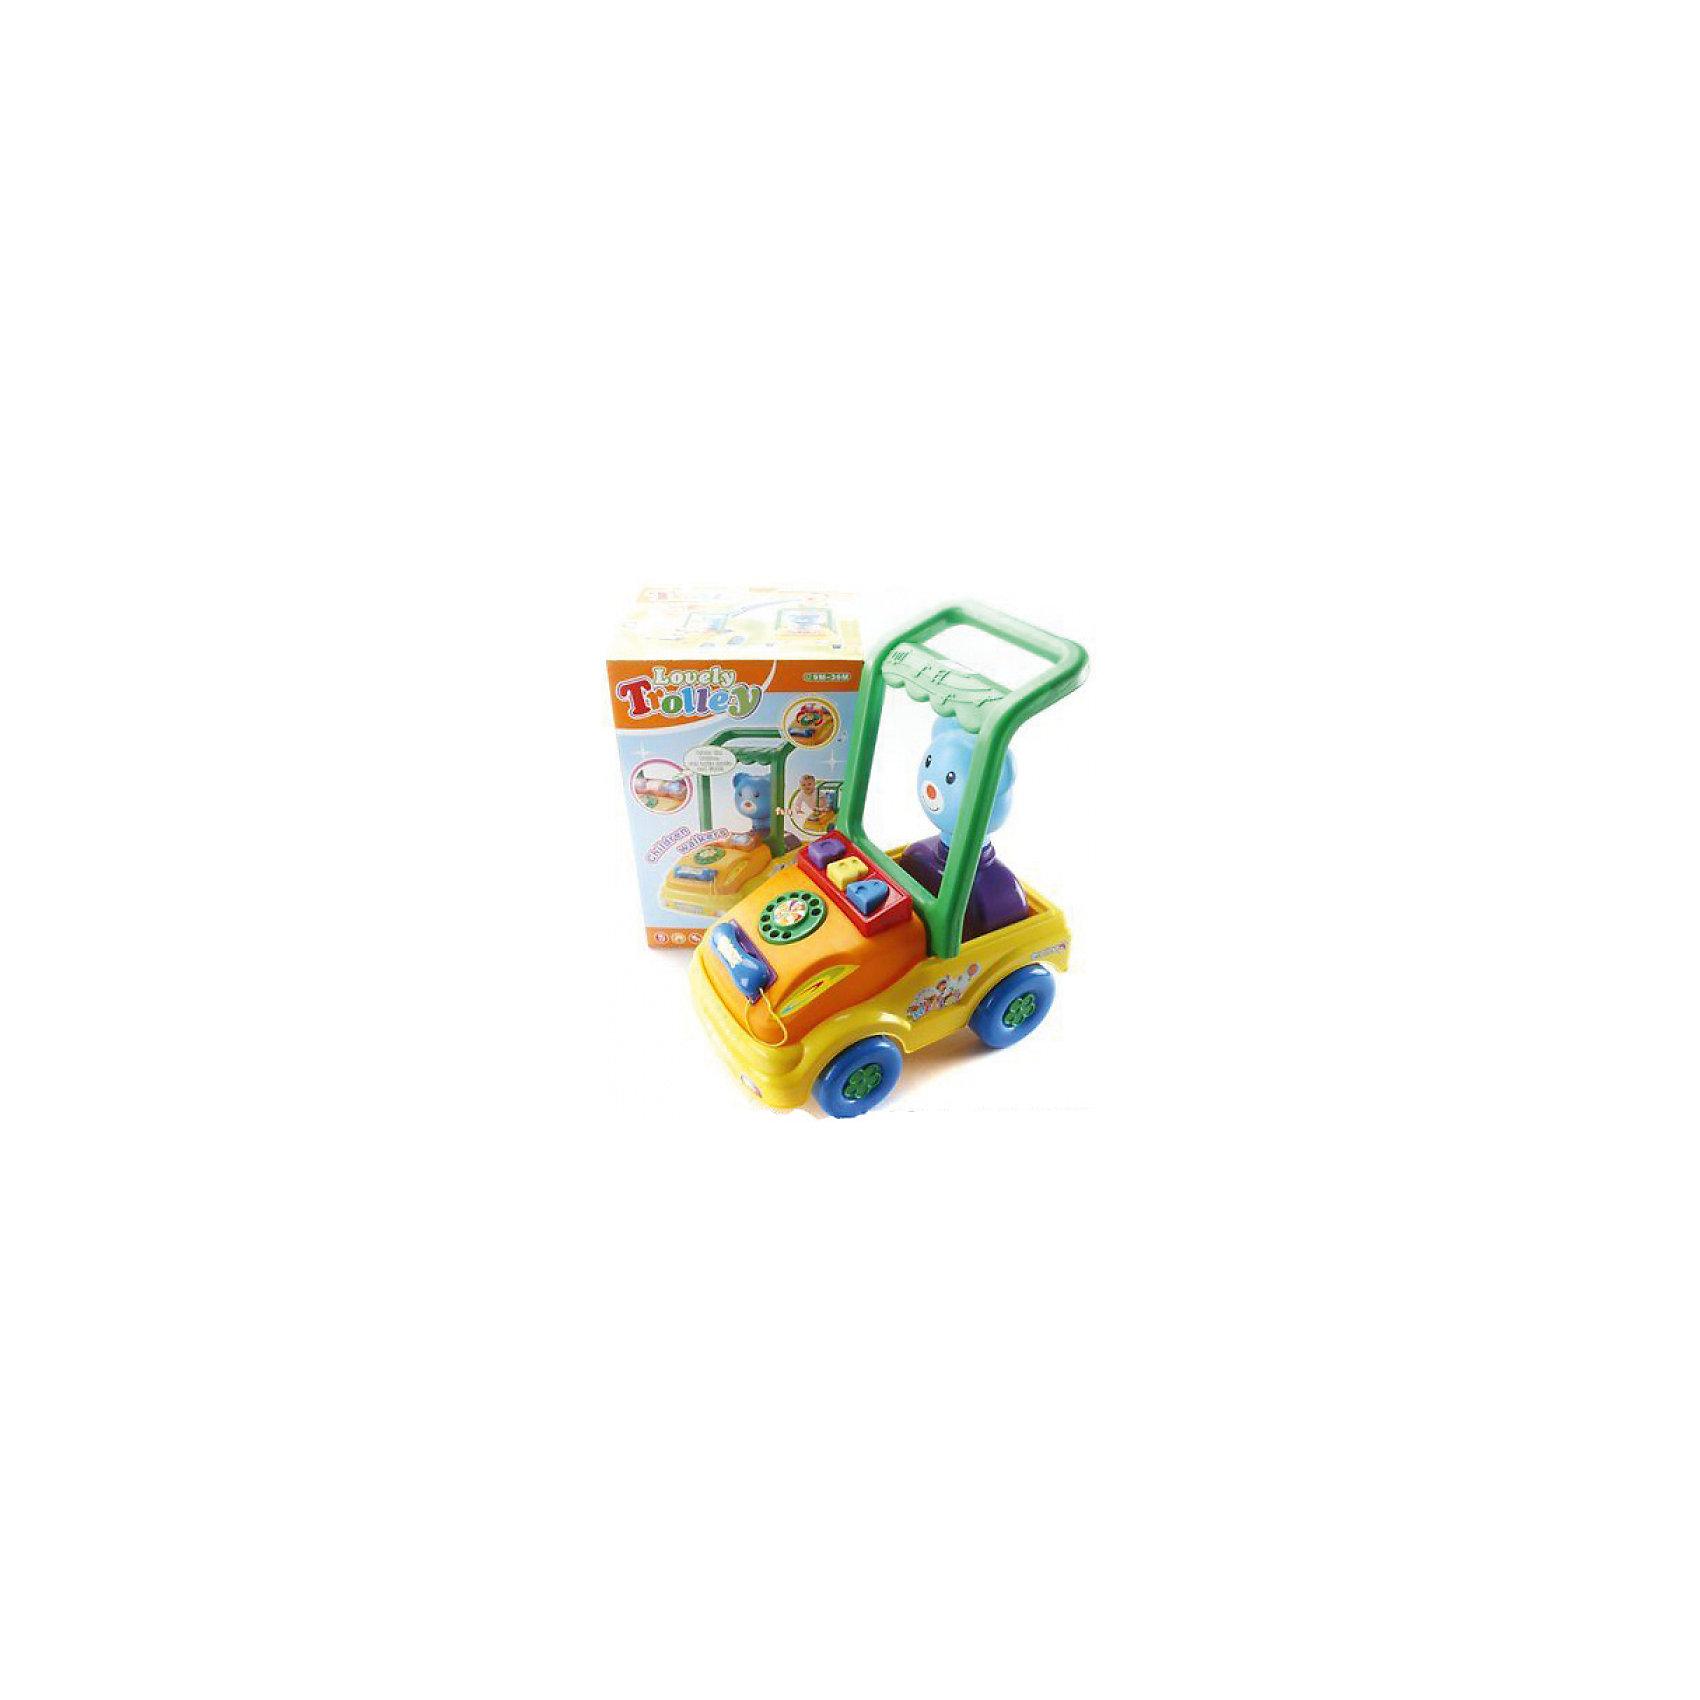 Игровой центр-каталка, со светом и звуком, Shantou GepaiКаталки – интересные игрушки, которые любят все малыши. Данная модель выполнена из пластика, представлена в виде машинки с мишкой - водителем. Внизу у игрушки есть колесики, которые легко передвигаются по любым поверхностям. Каталка – игрушка на длинной ручке. Малыш держит игрушку за ручку и катит впереди или позади себя. Благодаря колесикам ребенок не устает носить с собой каталку. Яркие цвета, стильный дизайн – достоинства новой модели. Материалы, использованные при изготовлении товара, абсолютно безопасны и отвечают всем международным требованиям по качеству.<br><br>Дополнительные характеристики:<br><br>материал: пластик, ПВХ;<br>цвет: разноцветный;<br>габариты: 27 X 25 X 40 см.<br><br>Игровой центр-каталку, со светом и звуком от компании Shantou Gepai можно приобрести в нашем магазине.<br><br>Ширина мм: 270<br>Глубина мм: 400<br>Высота мм: 250<br>Вес г: 1790<br>Возраст от месяцев: 12<br>Возраст до месяцев: 48<br>Пол: Унисекс<br>Возраст: Детский<br>SKU: 5032519